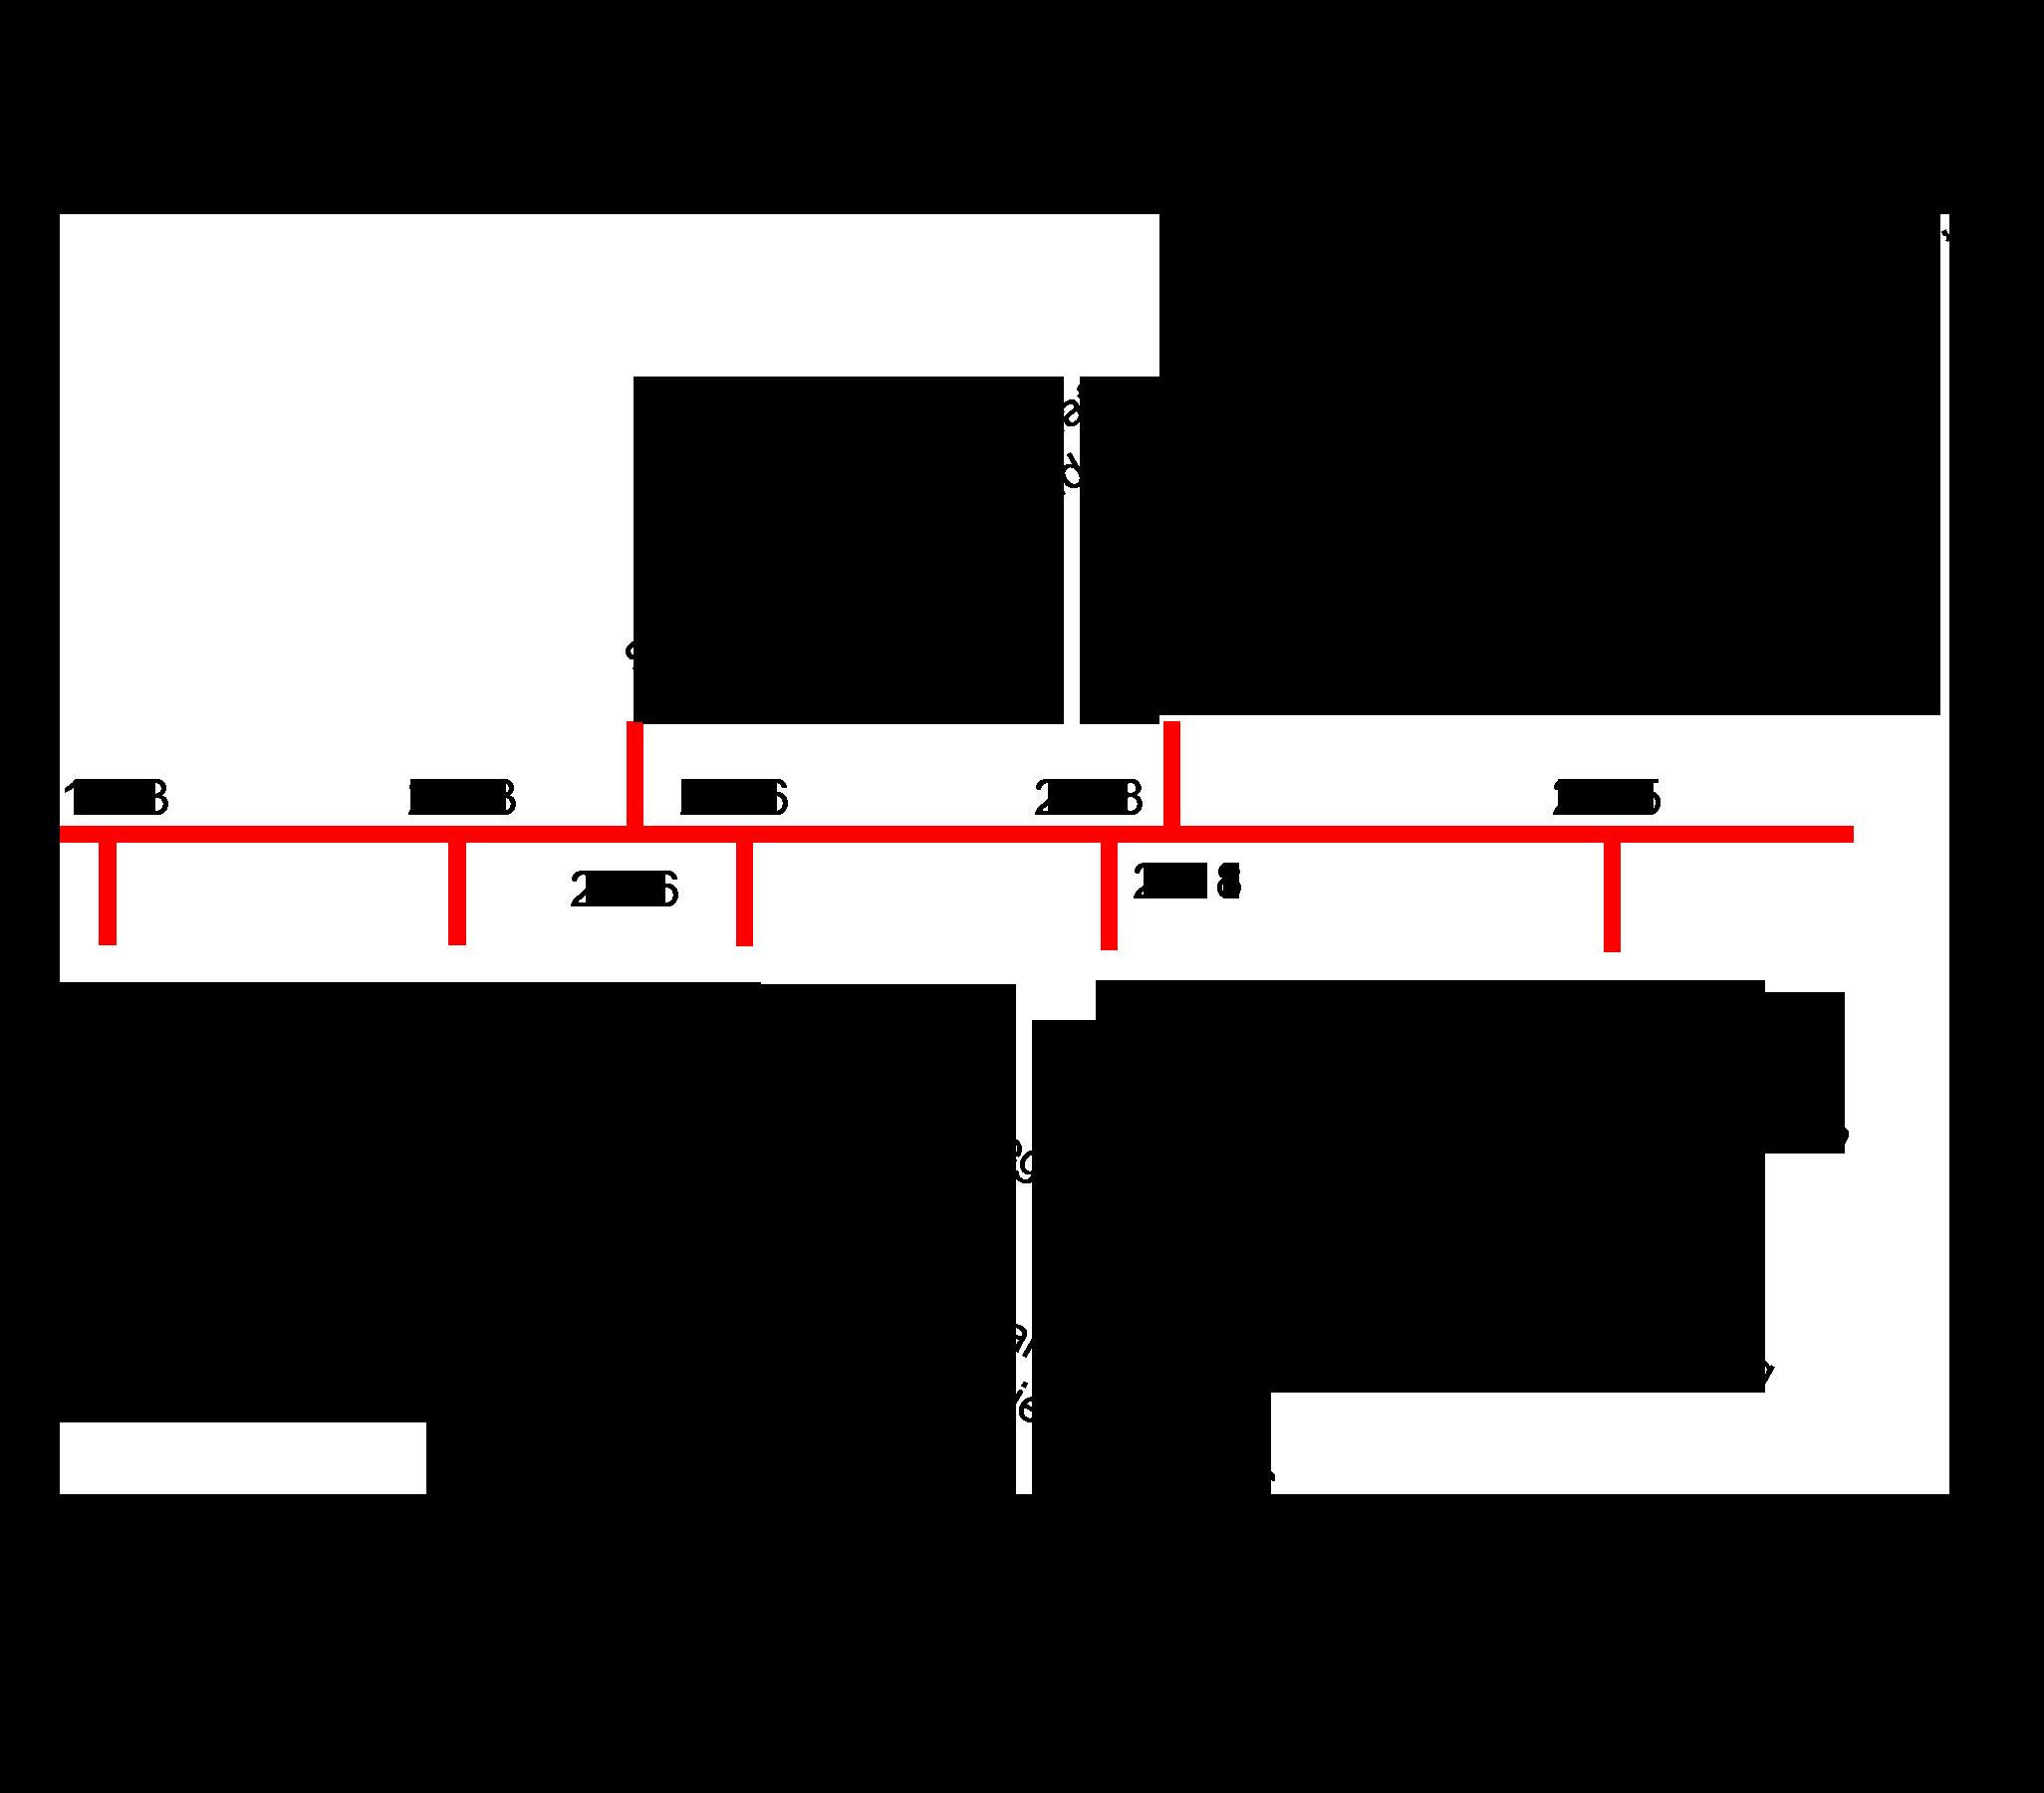 timeline for I390